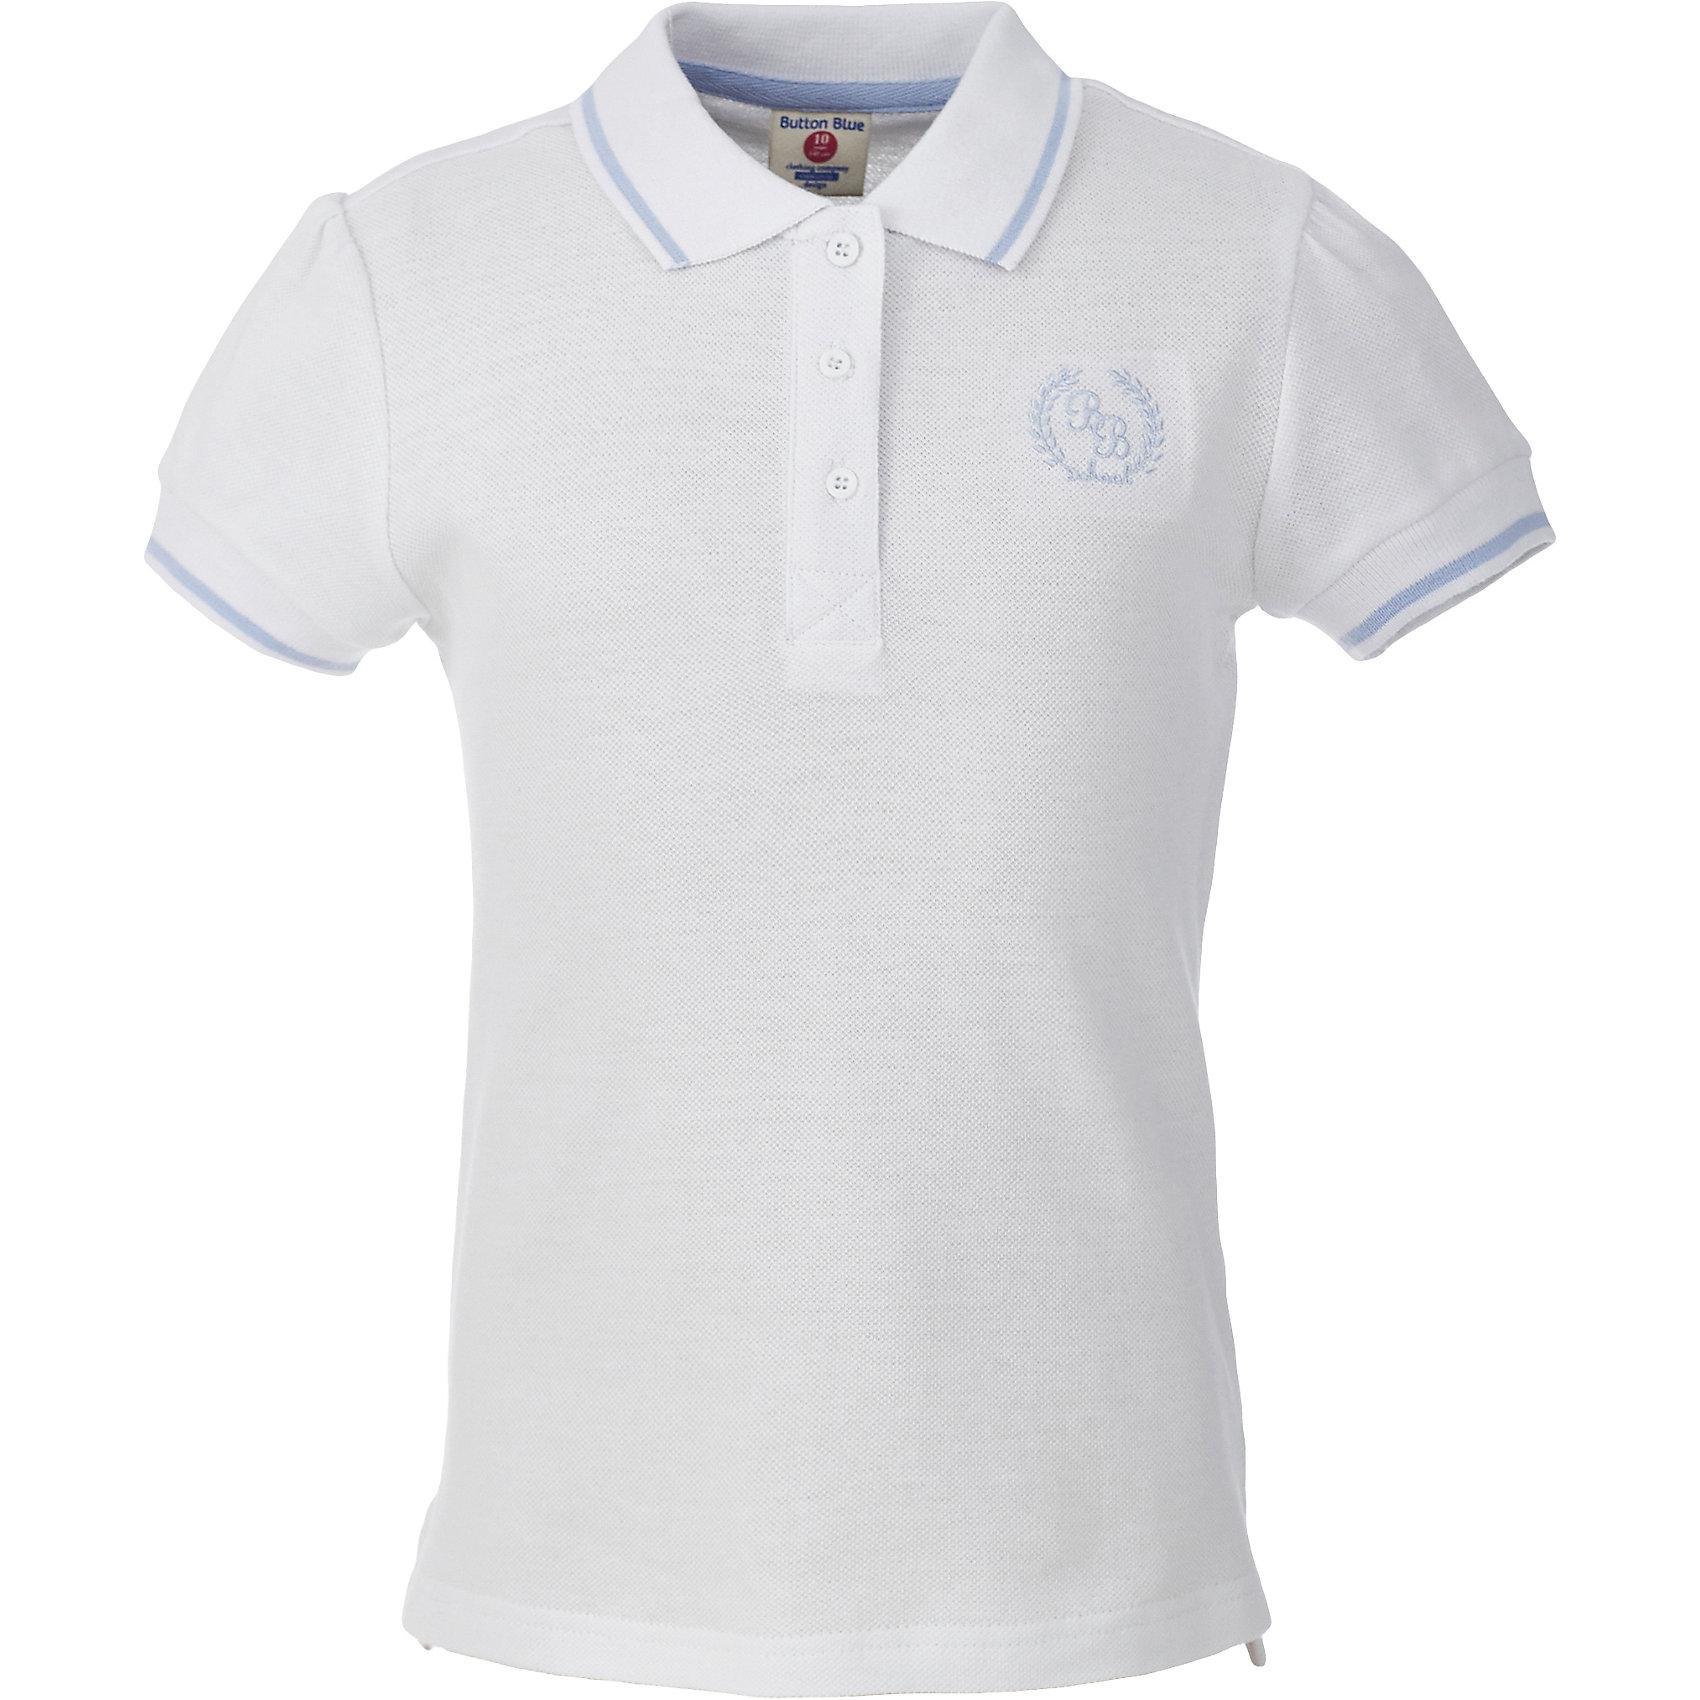 Футболка-поло для девочки BUTTON BLUEБлузки и рубашки<br>Футболка-поло для девочки BUTTON BLUE<br>Прекрасная альтернатива блузке - белое поло! По удобству и комфорту, поло для девочек в школу не менее удобно, чем футболка с коротким рукавом, но поло выглядит строже и наряднее. Небольшой цветовой акцент, внутренняя планка, придает модели изюминку.<br>Состав:<br>100% хлопок<br><br>Ширина мм: 199<br>Глубина мм: 10<br>Высота мм: 161<br>Вес г: 151<br>Цвет: белый<br>Возраст от месяцев: 156<br>Возраст до месяцев: 168<br>Пол: Женский<br>Возраст: Детский<br>Размер: 164,122,128,134,140,146,152,158<br>SKU: 6739285